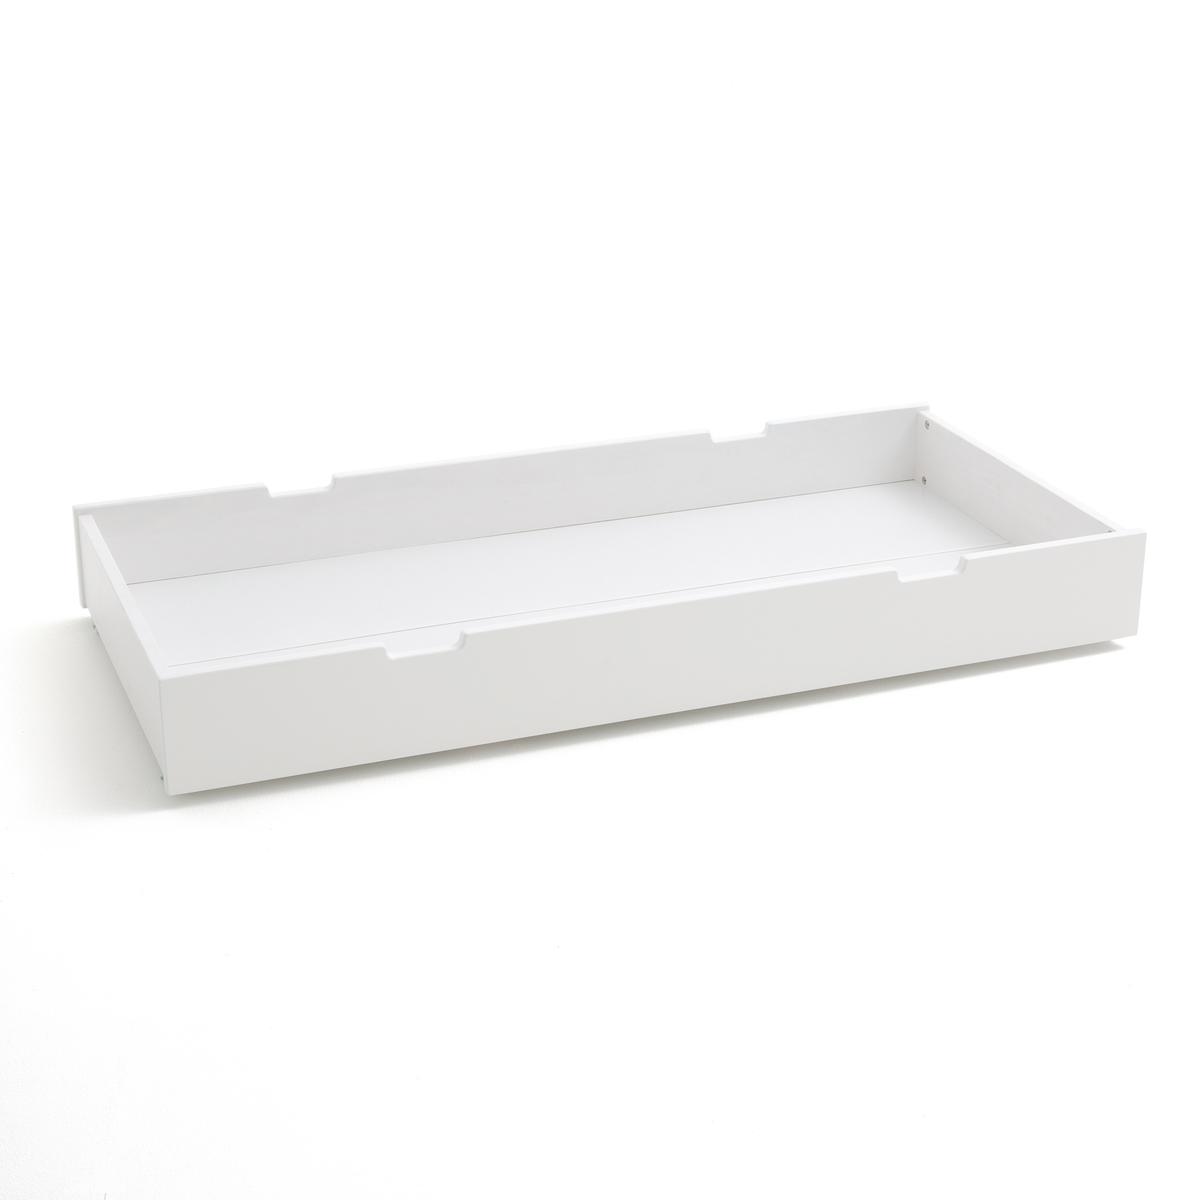 Ящик для хранения Baladin Ш.190 см